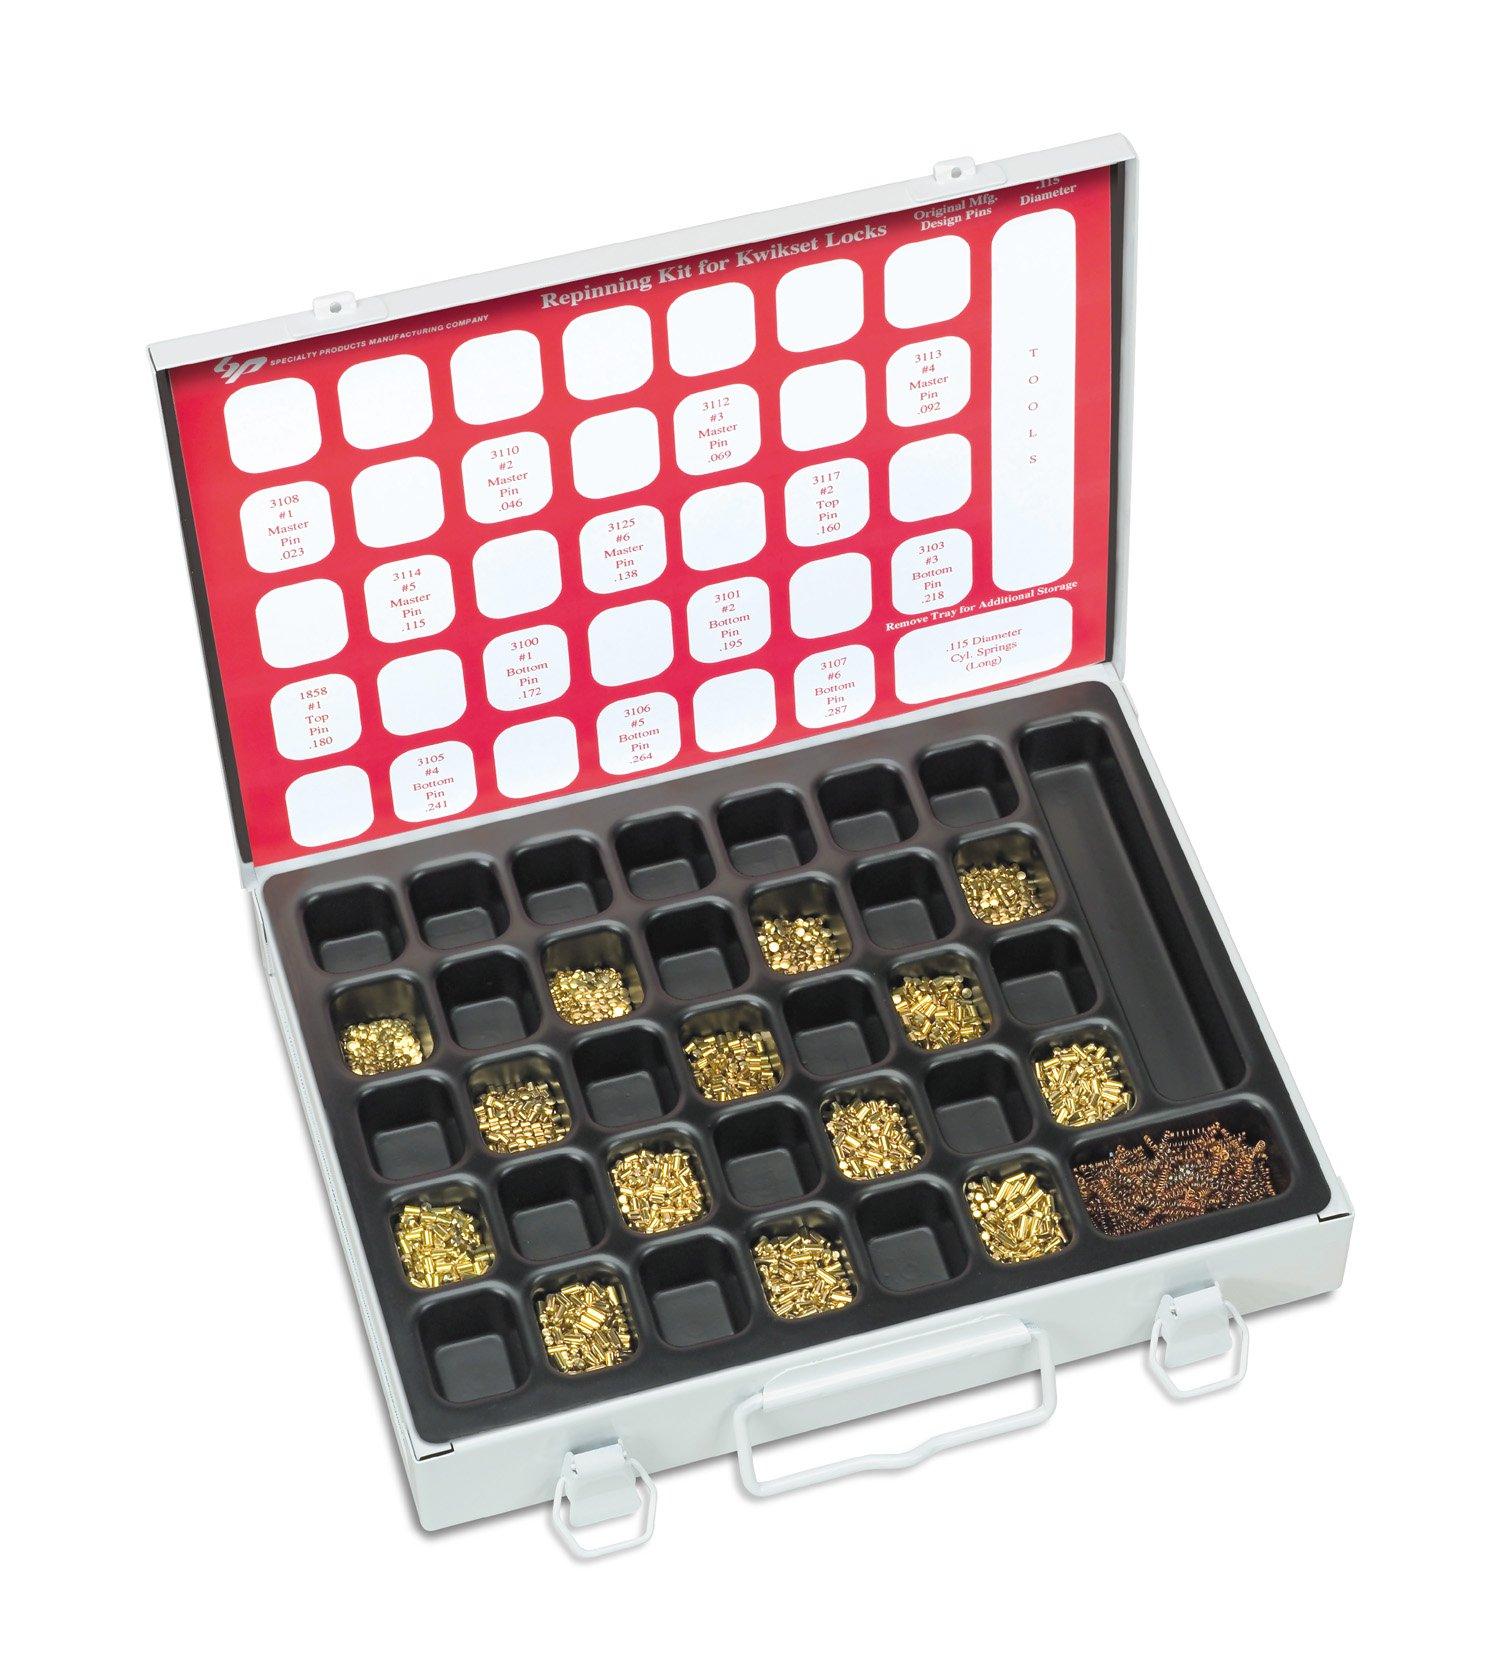 Kwikset Locks MasterKey Pin Kit , for Standard or Master Key Pinning